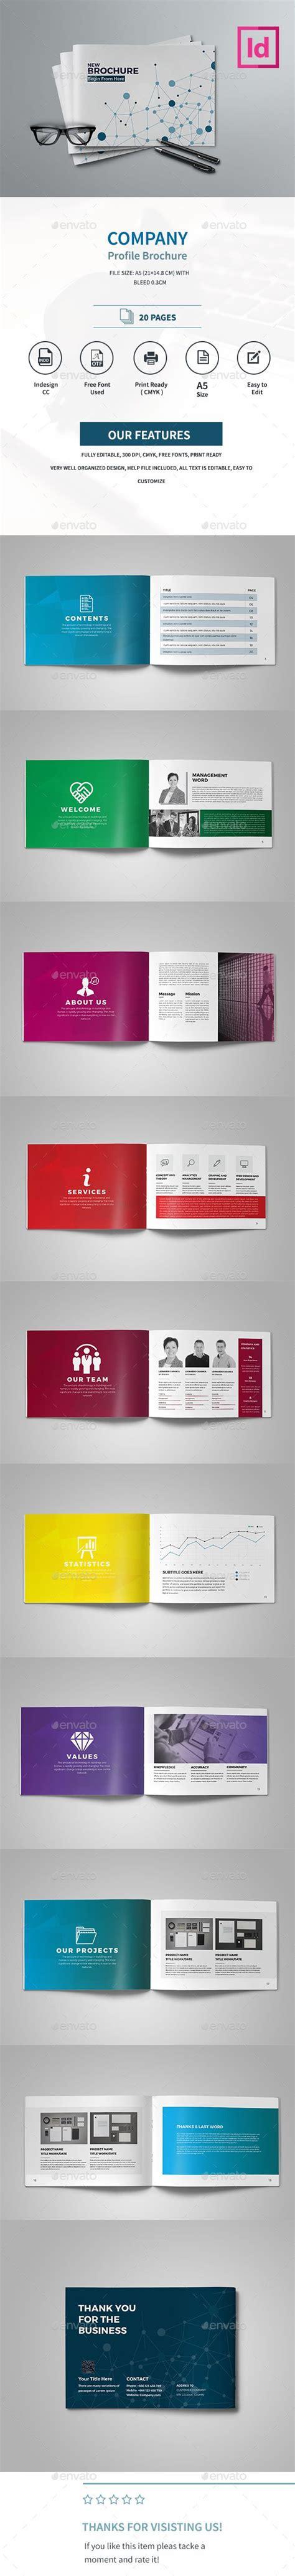 company profile brochure design templates company profile brochure design design templates and